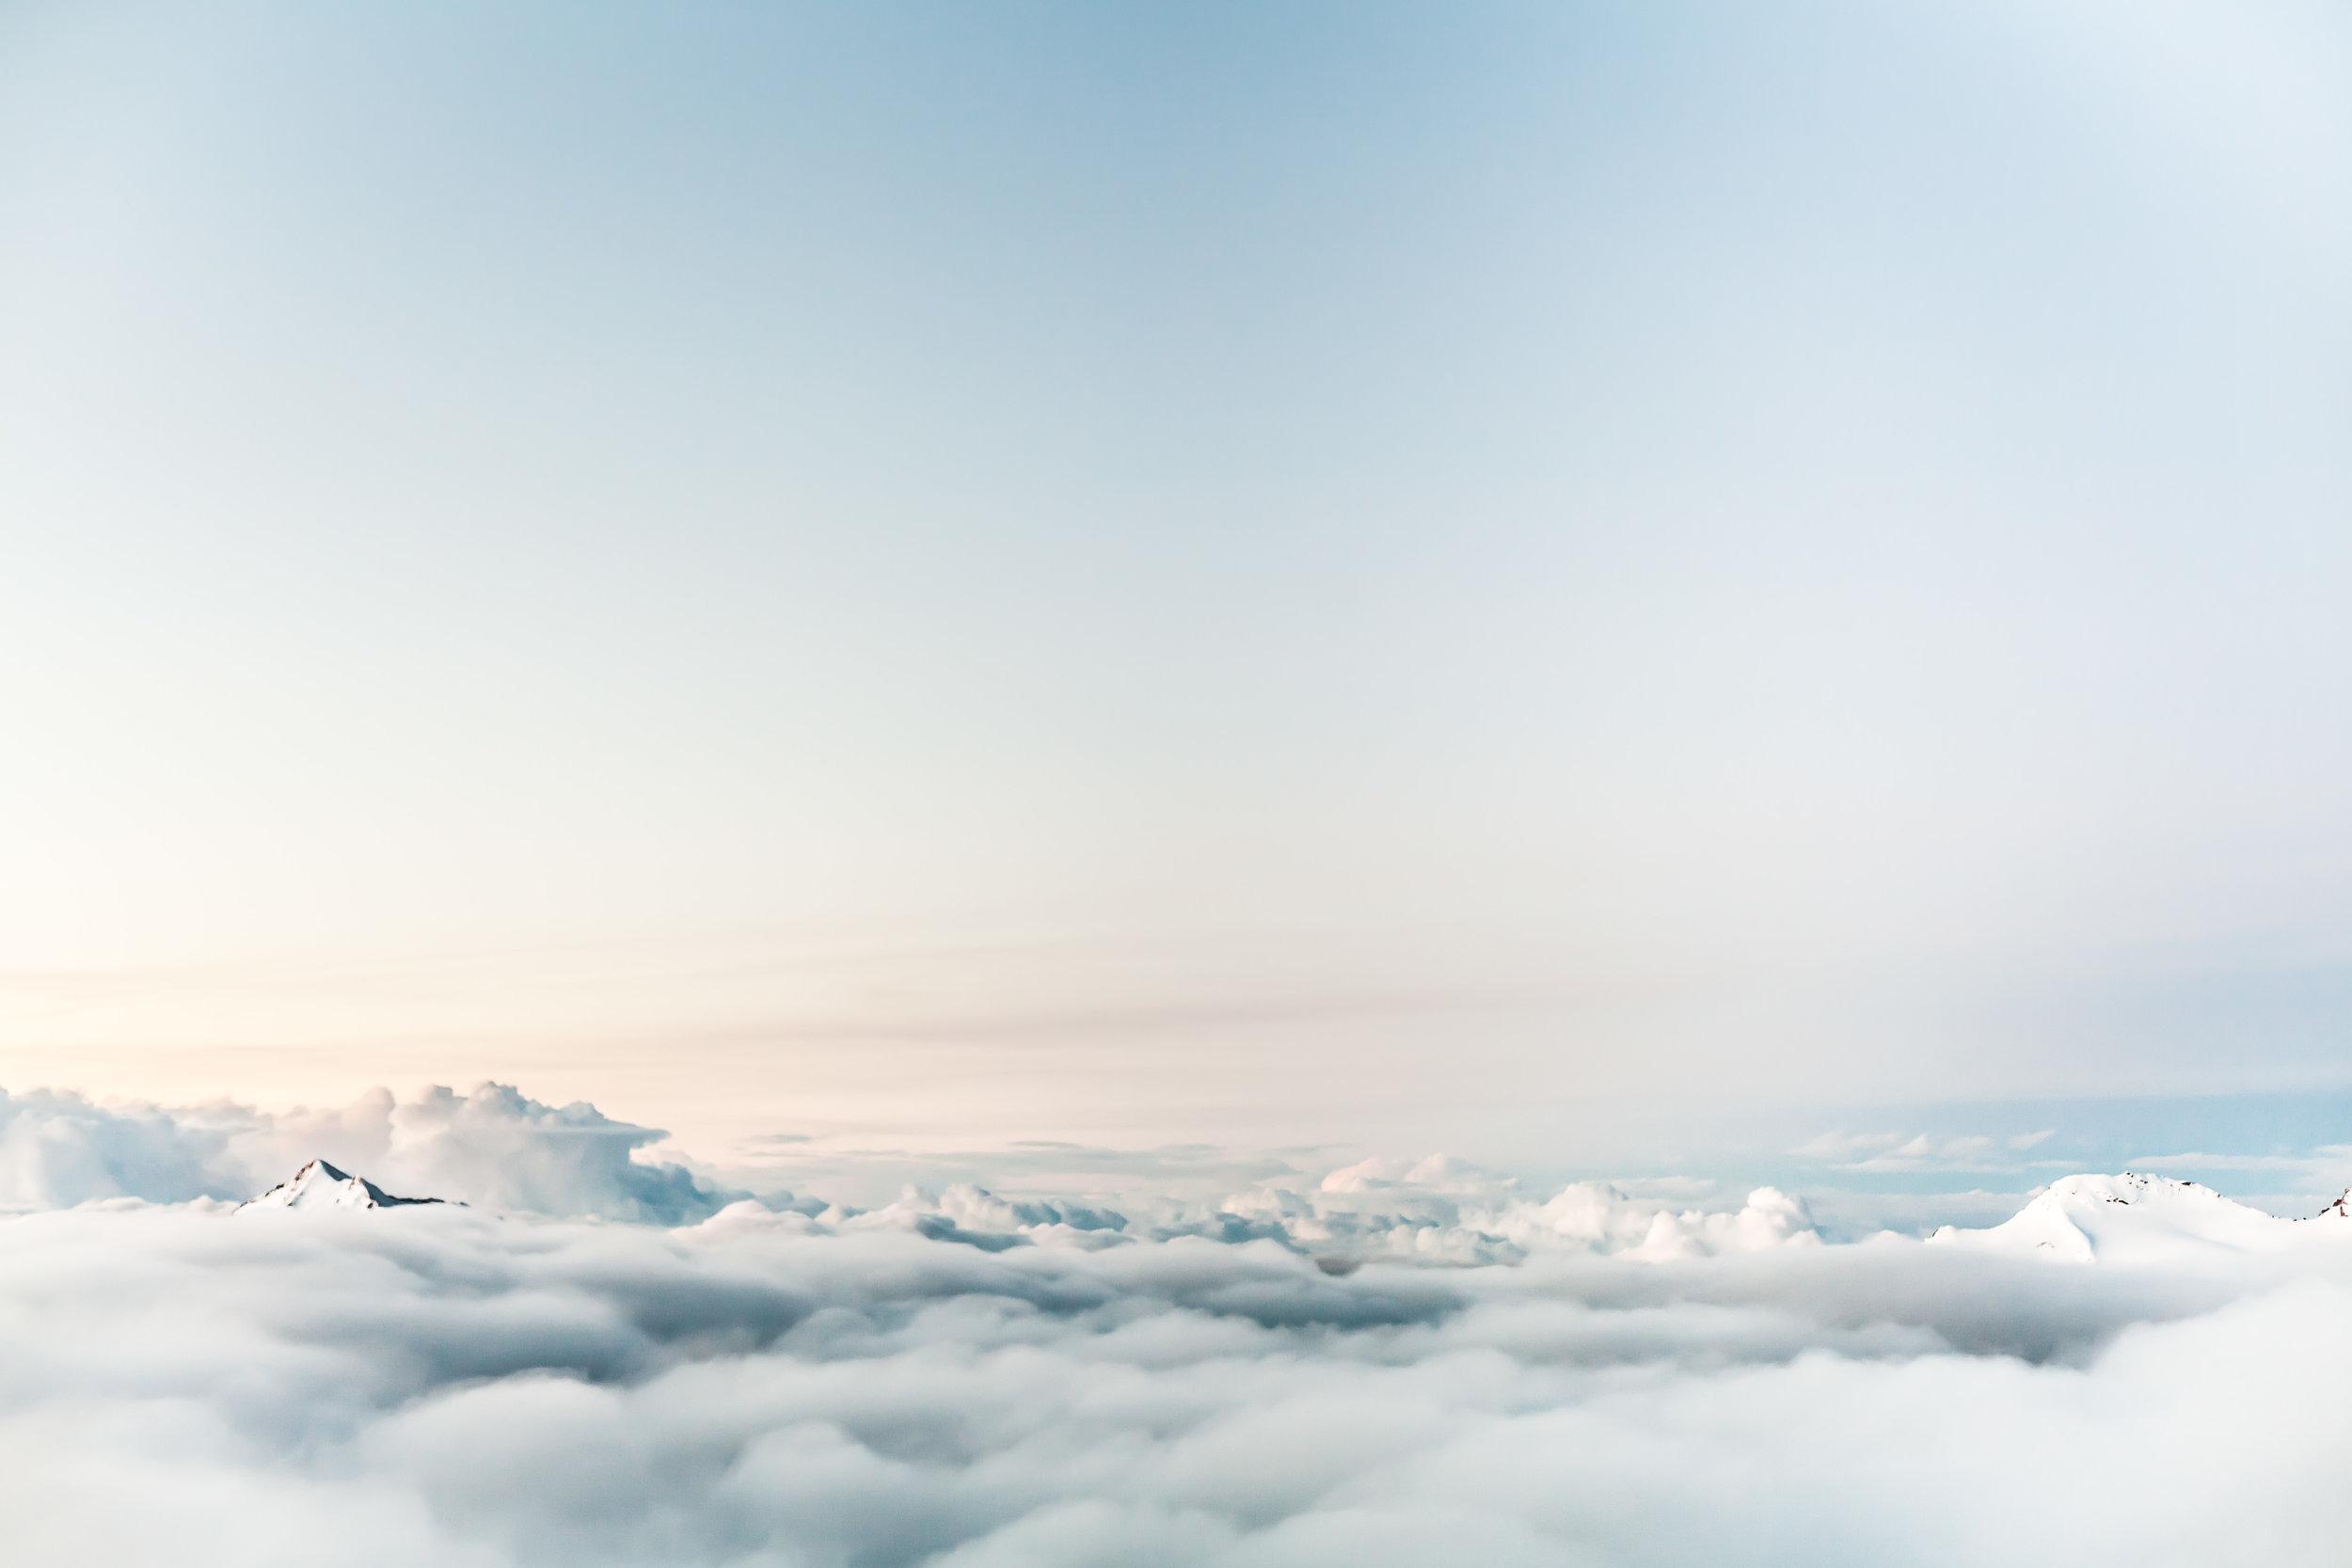 Über den Wolken retreat